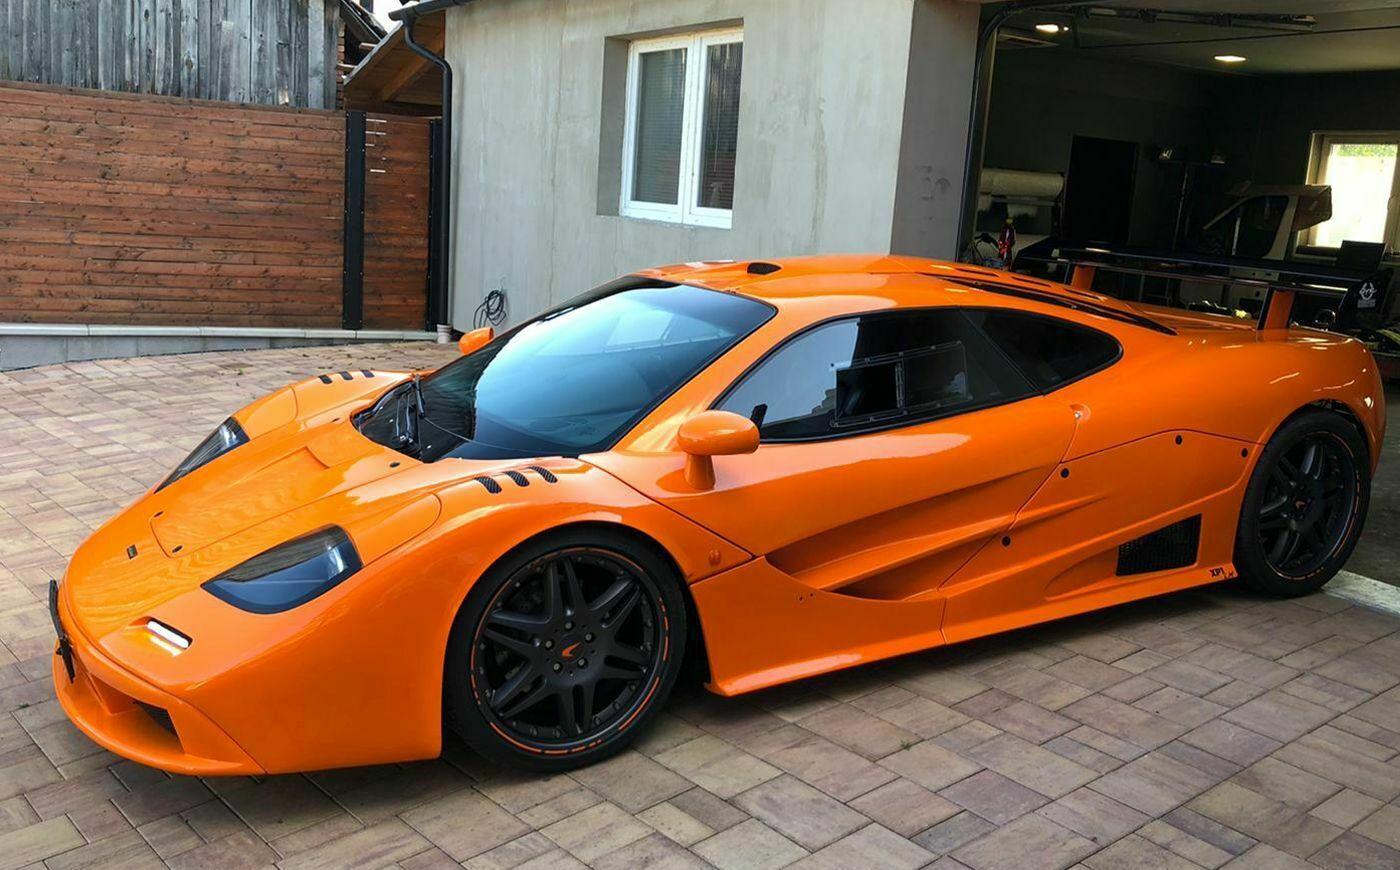 McLaren-F1-Porsche-Boxster-replica-1